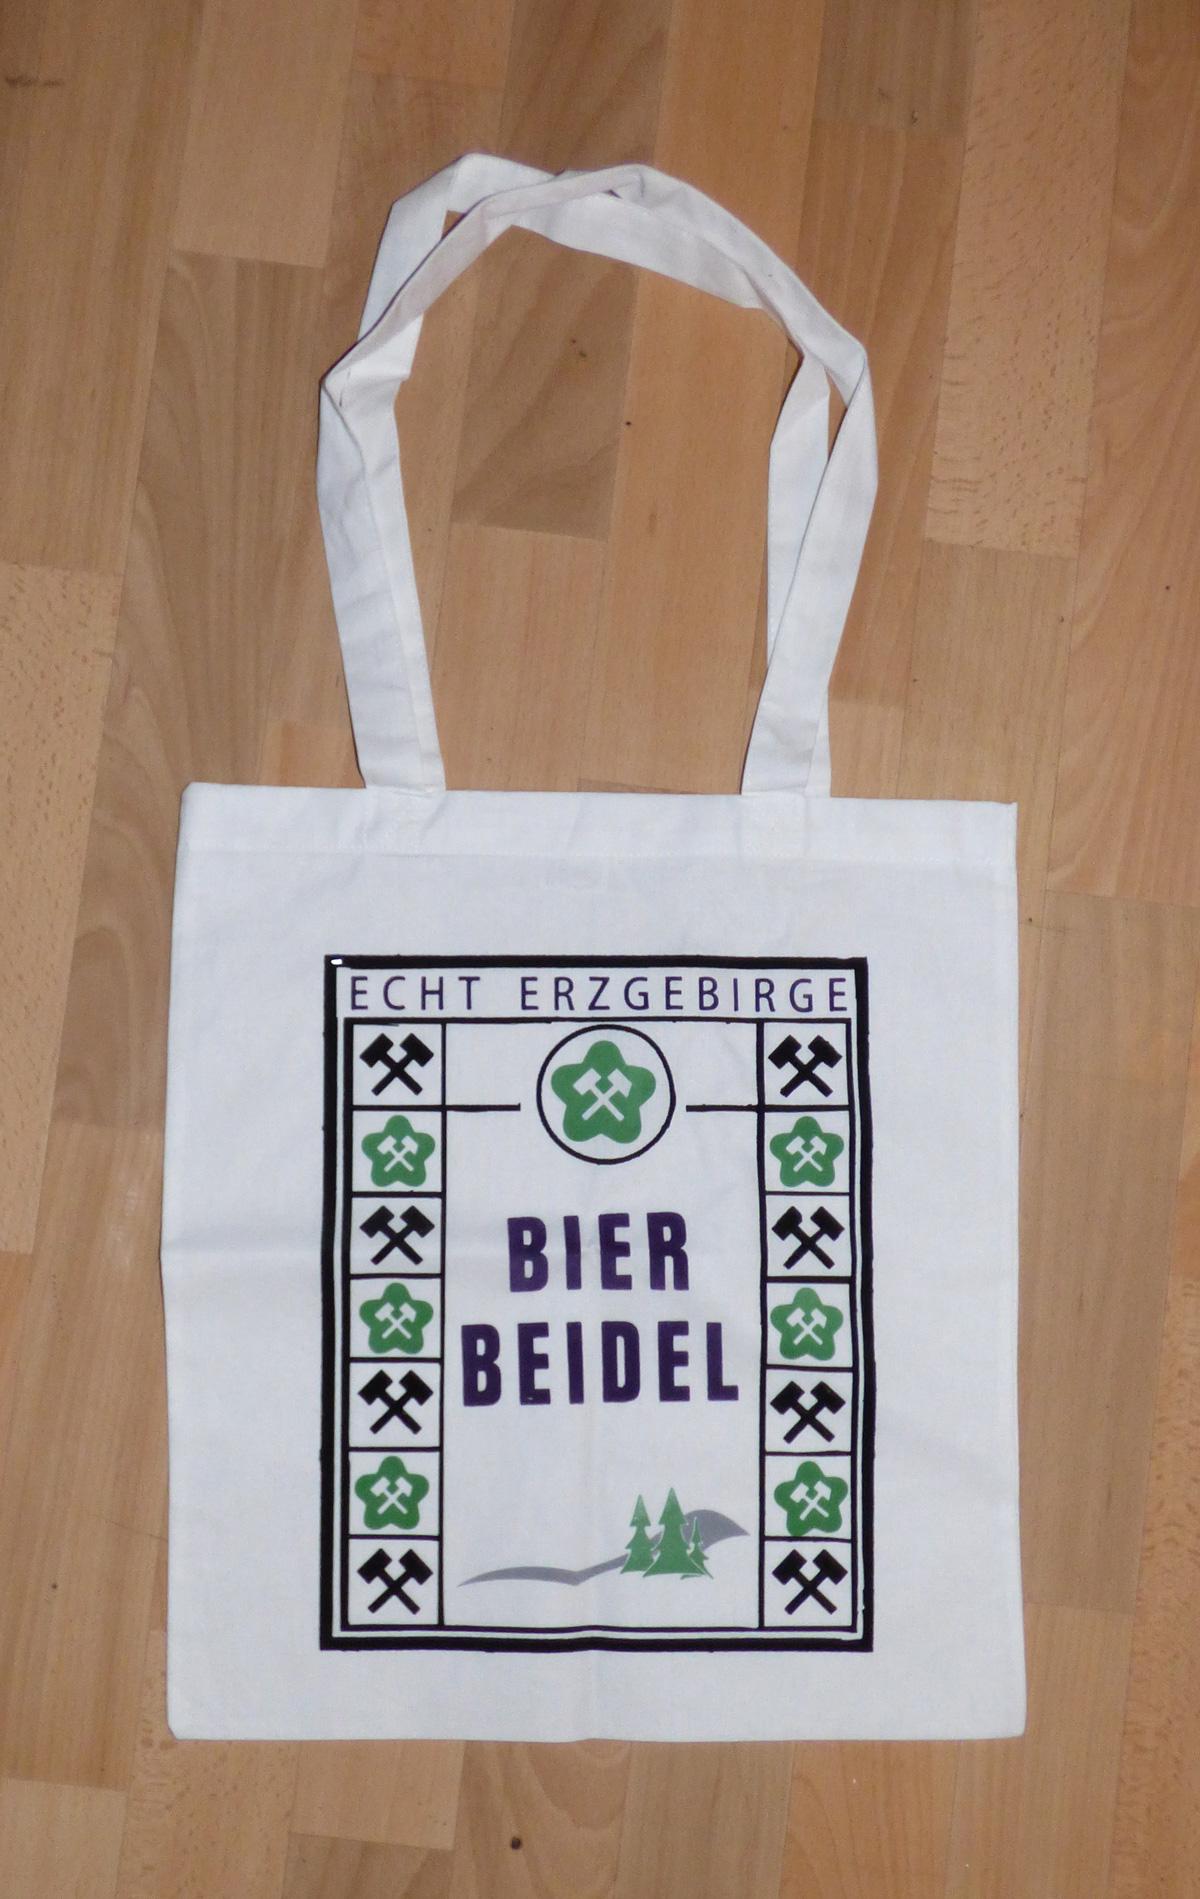 BierBeidel